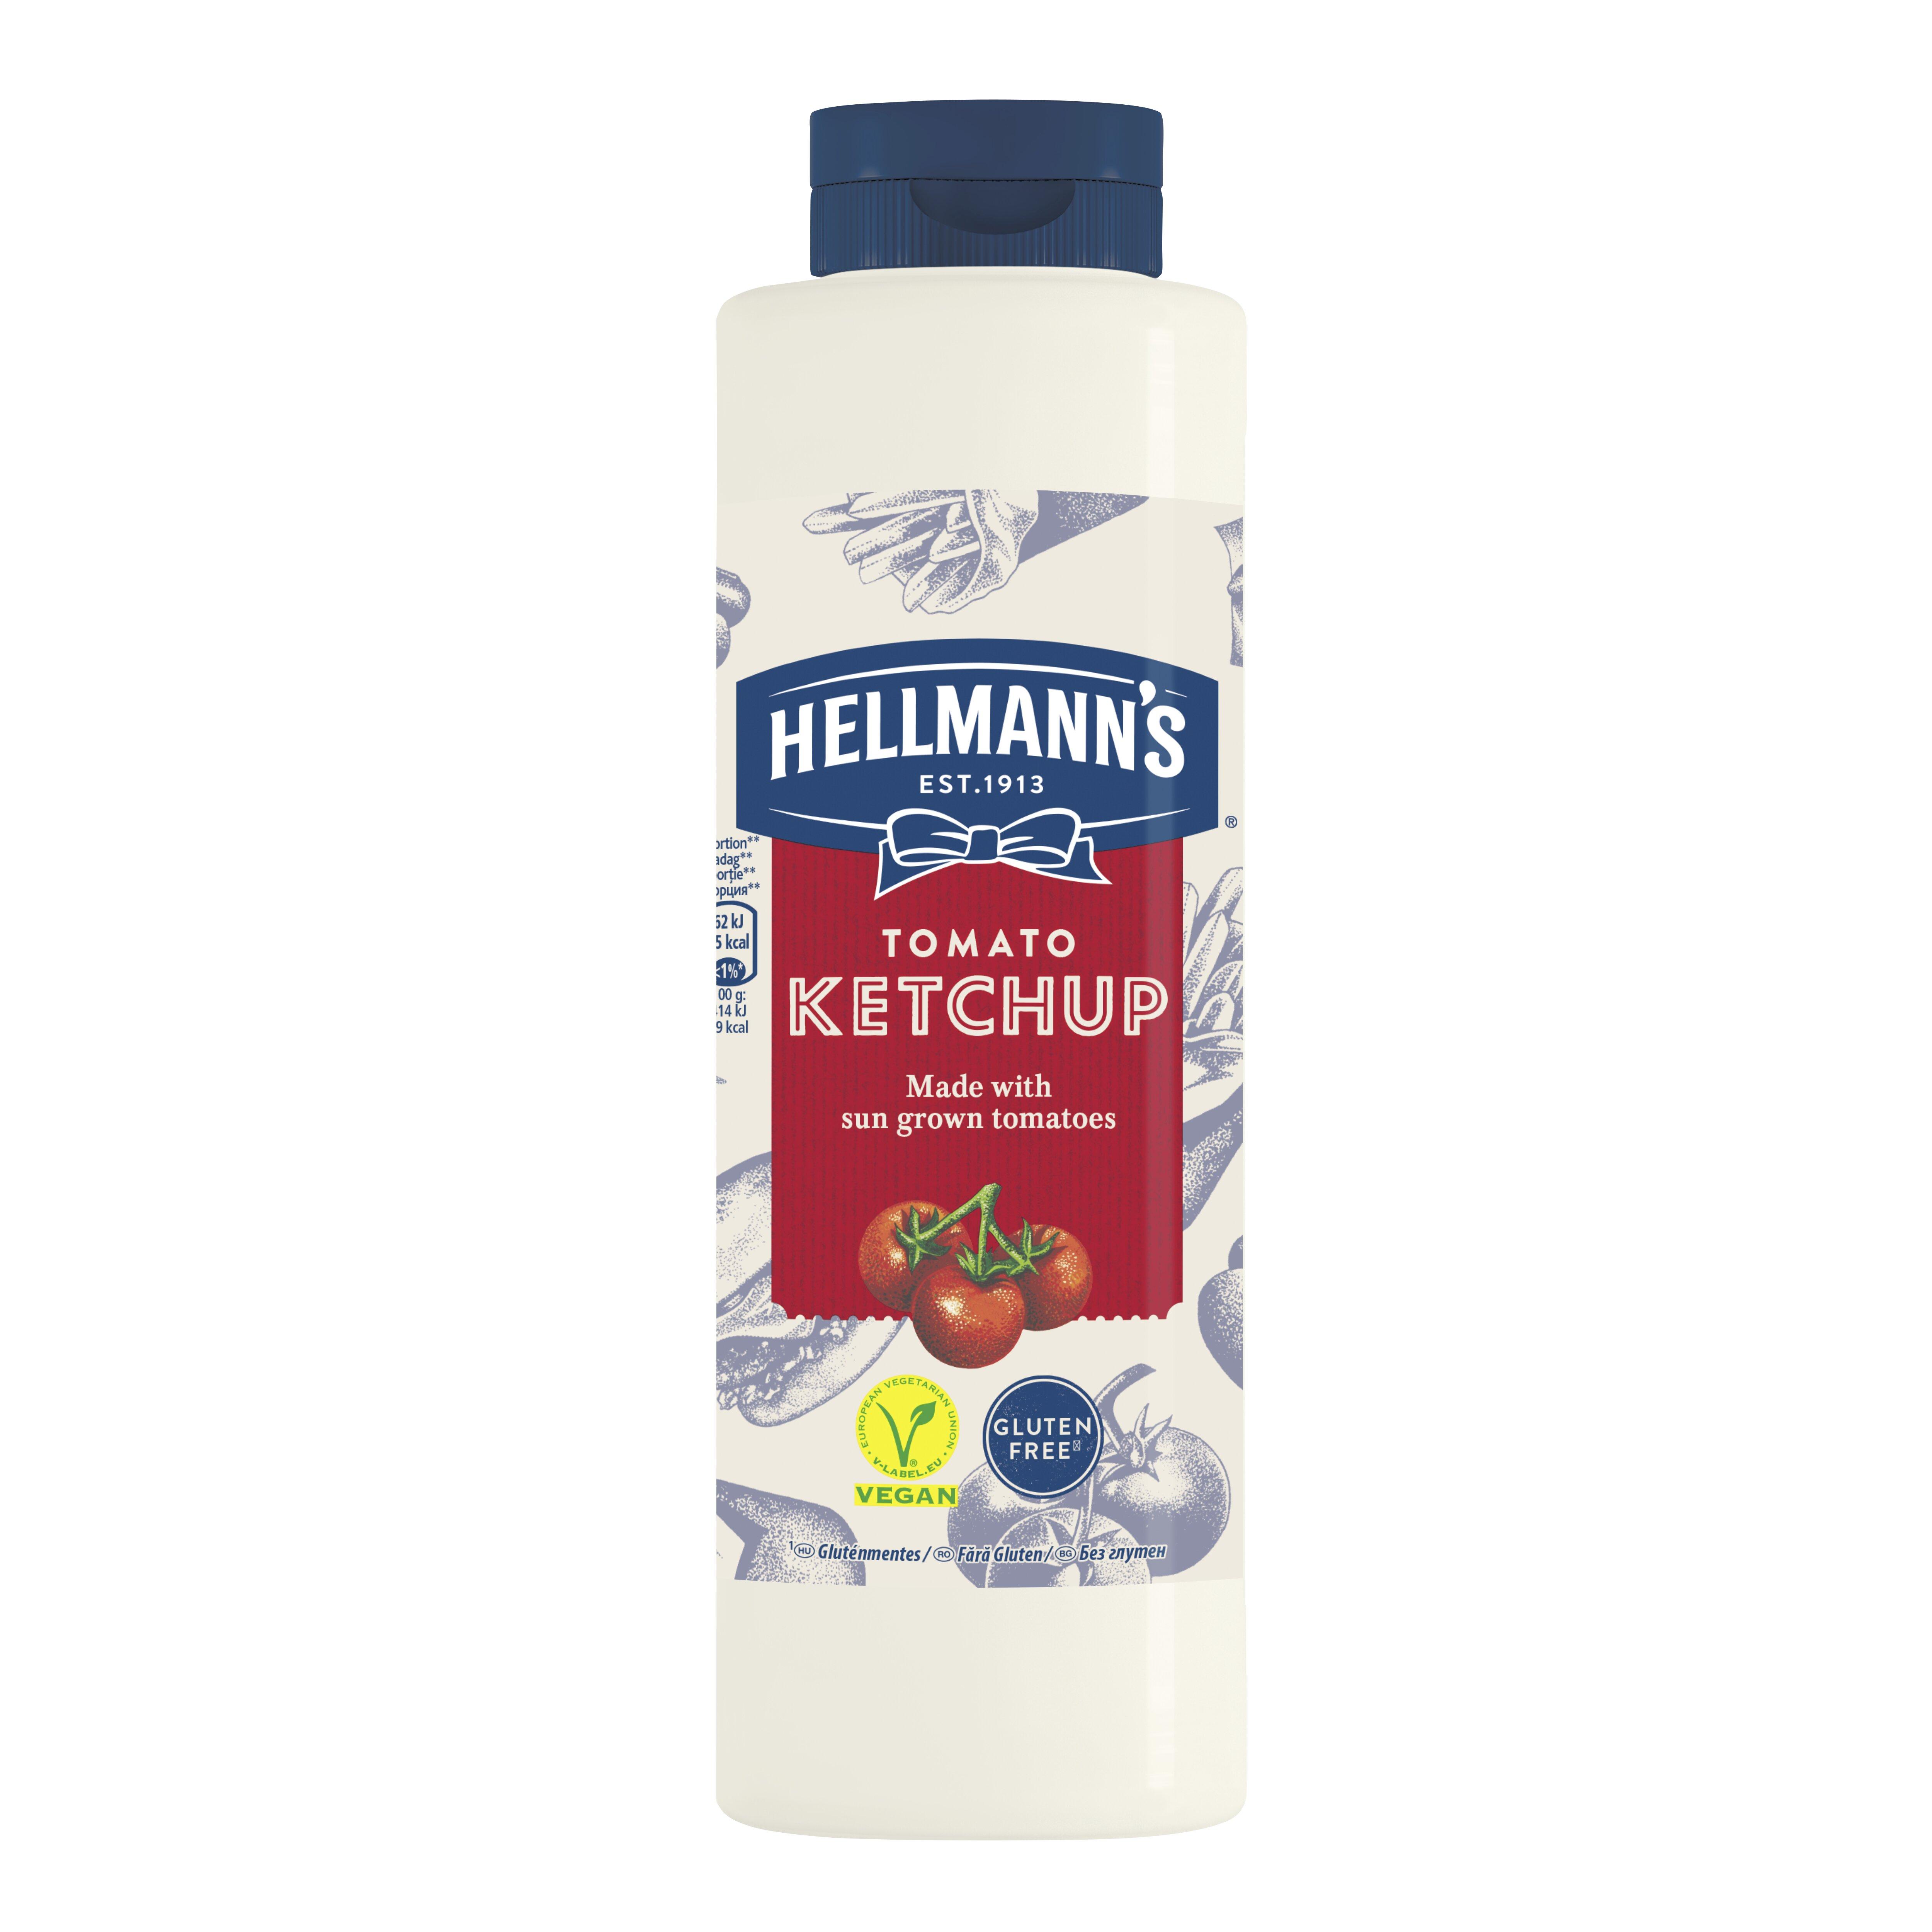 HELLMANN'S Ketchup 856 ml -  Minőségi márkájú termék felszolgálása pozitív benyomást kelt a vendégekben.